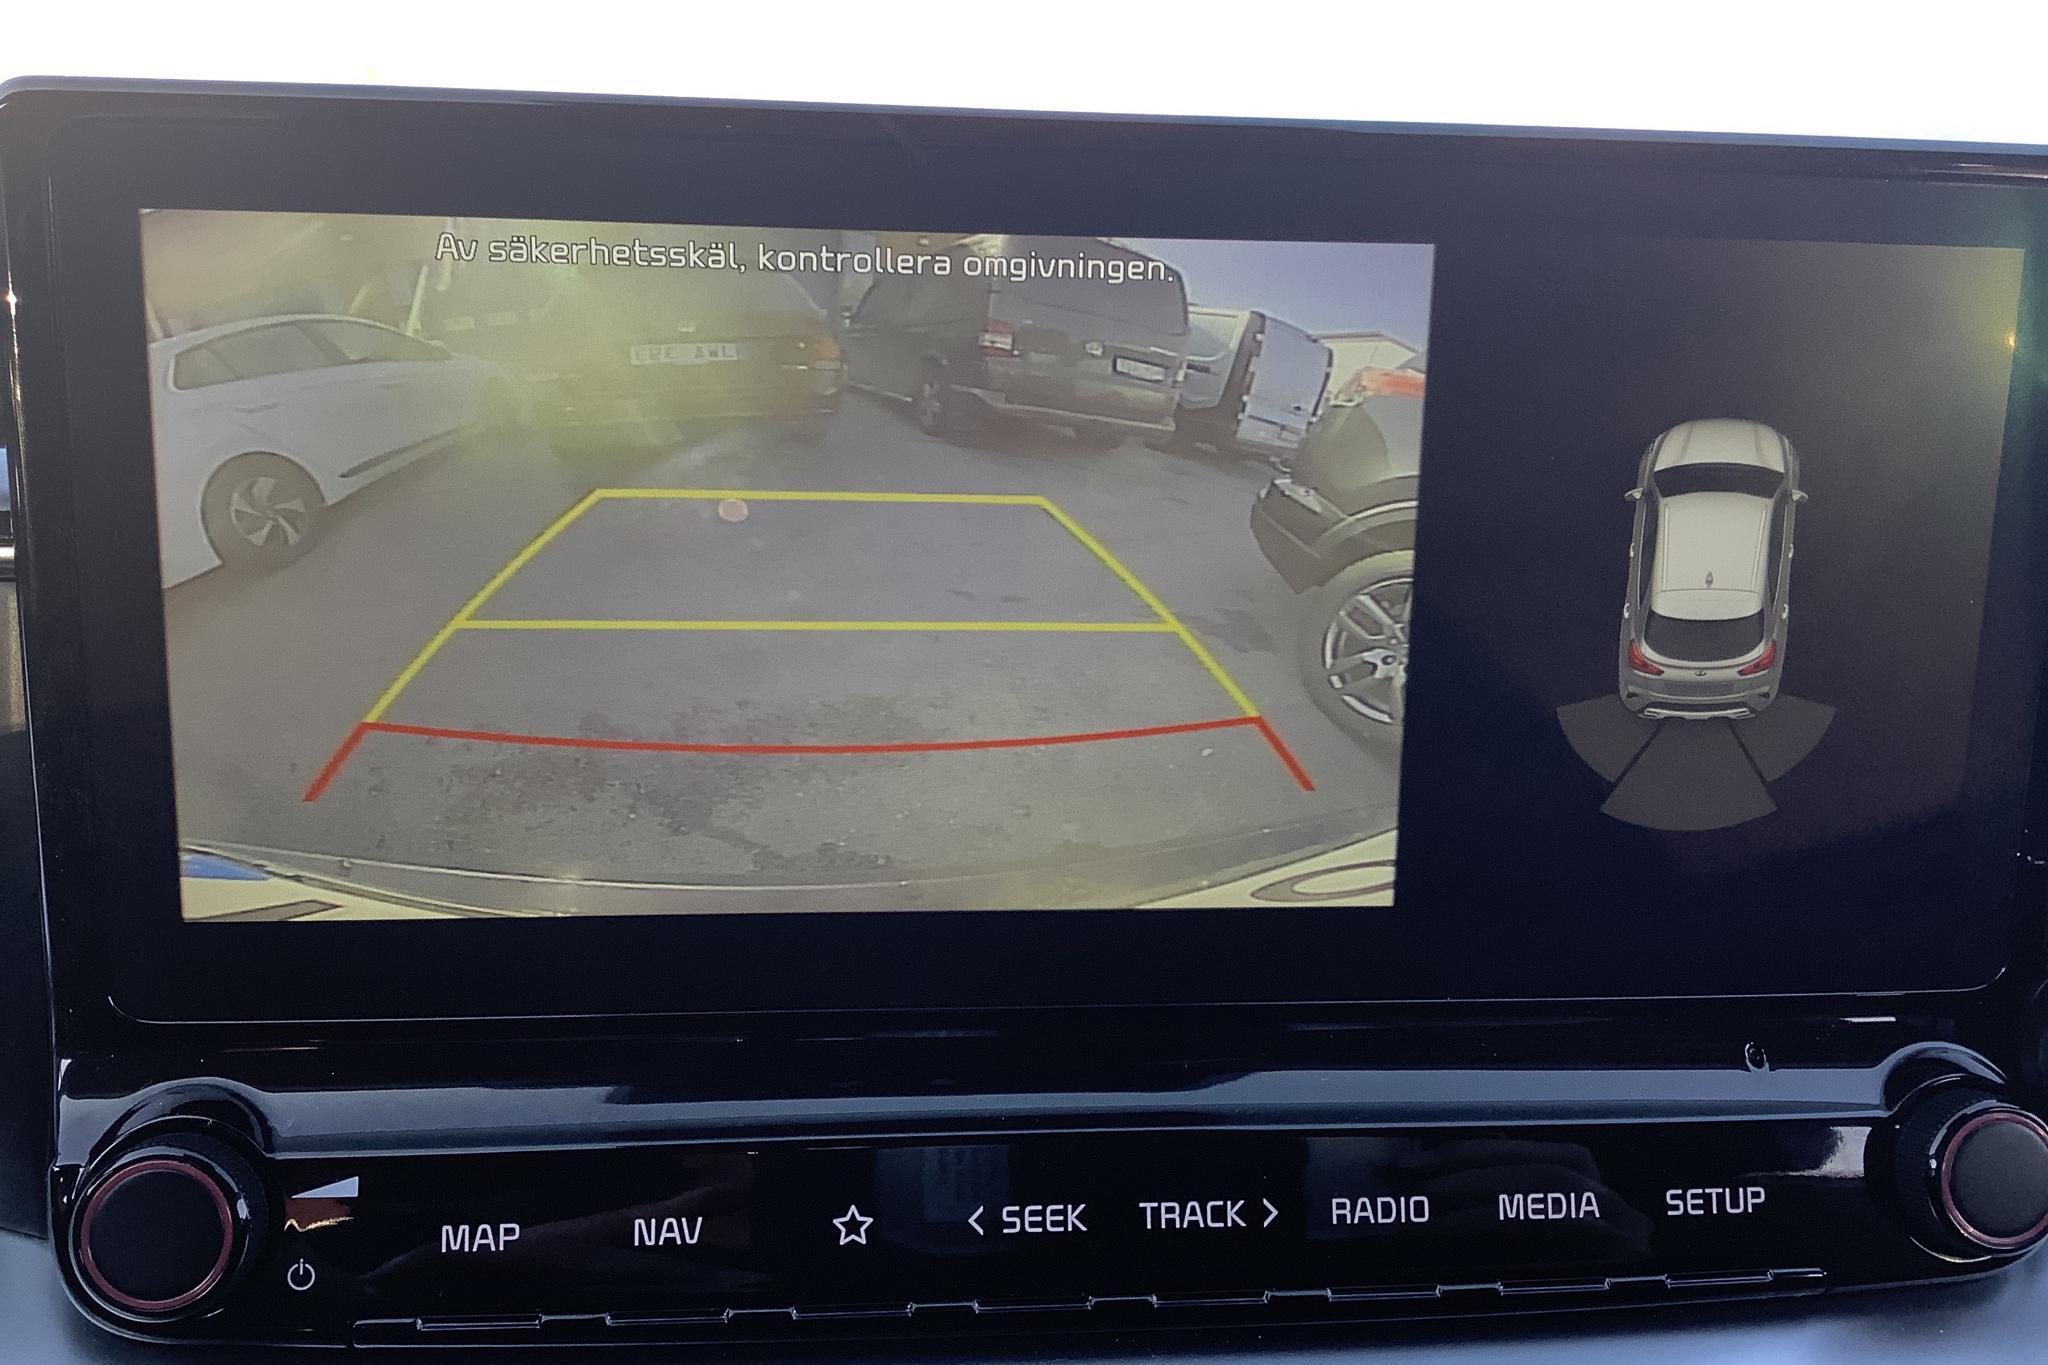 KIA XCeed 1.4 T-GDi 5dr (140hk) - 3 780 mil - Automat - svart - 2020